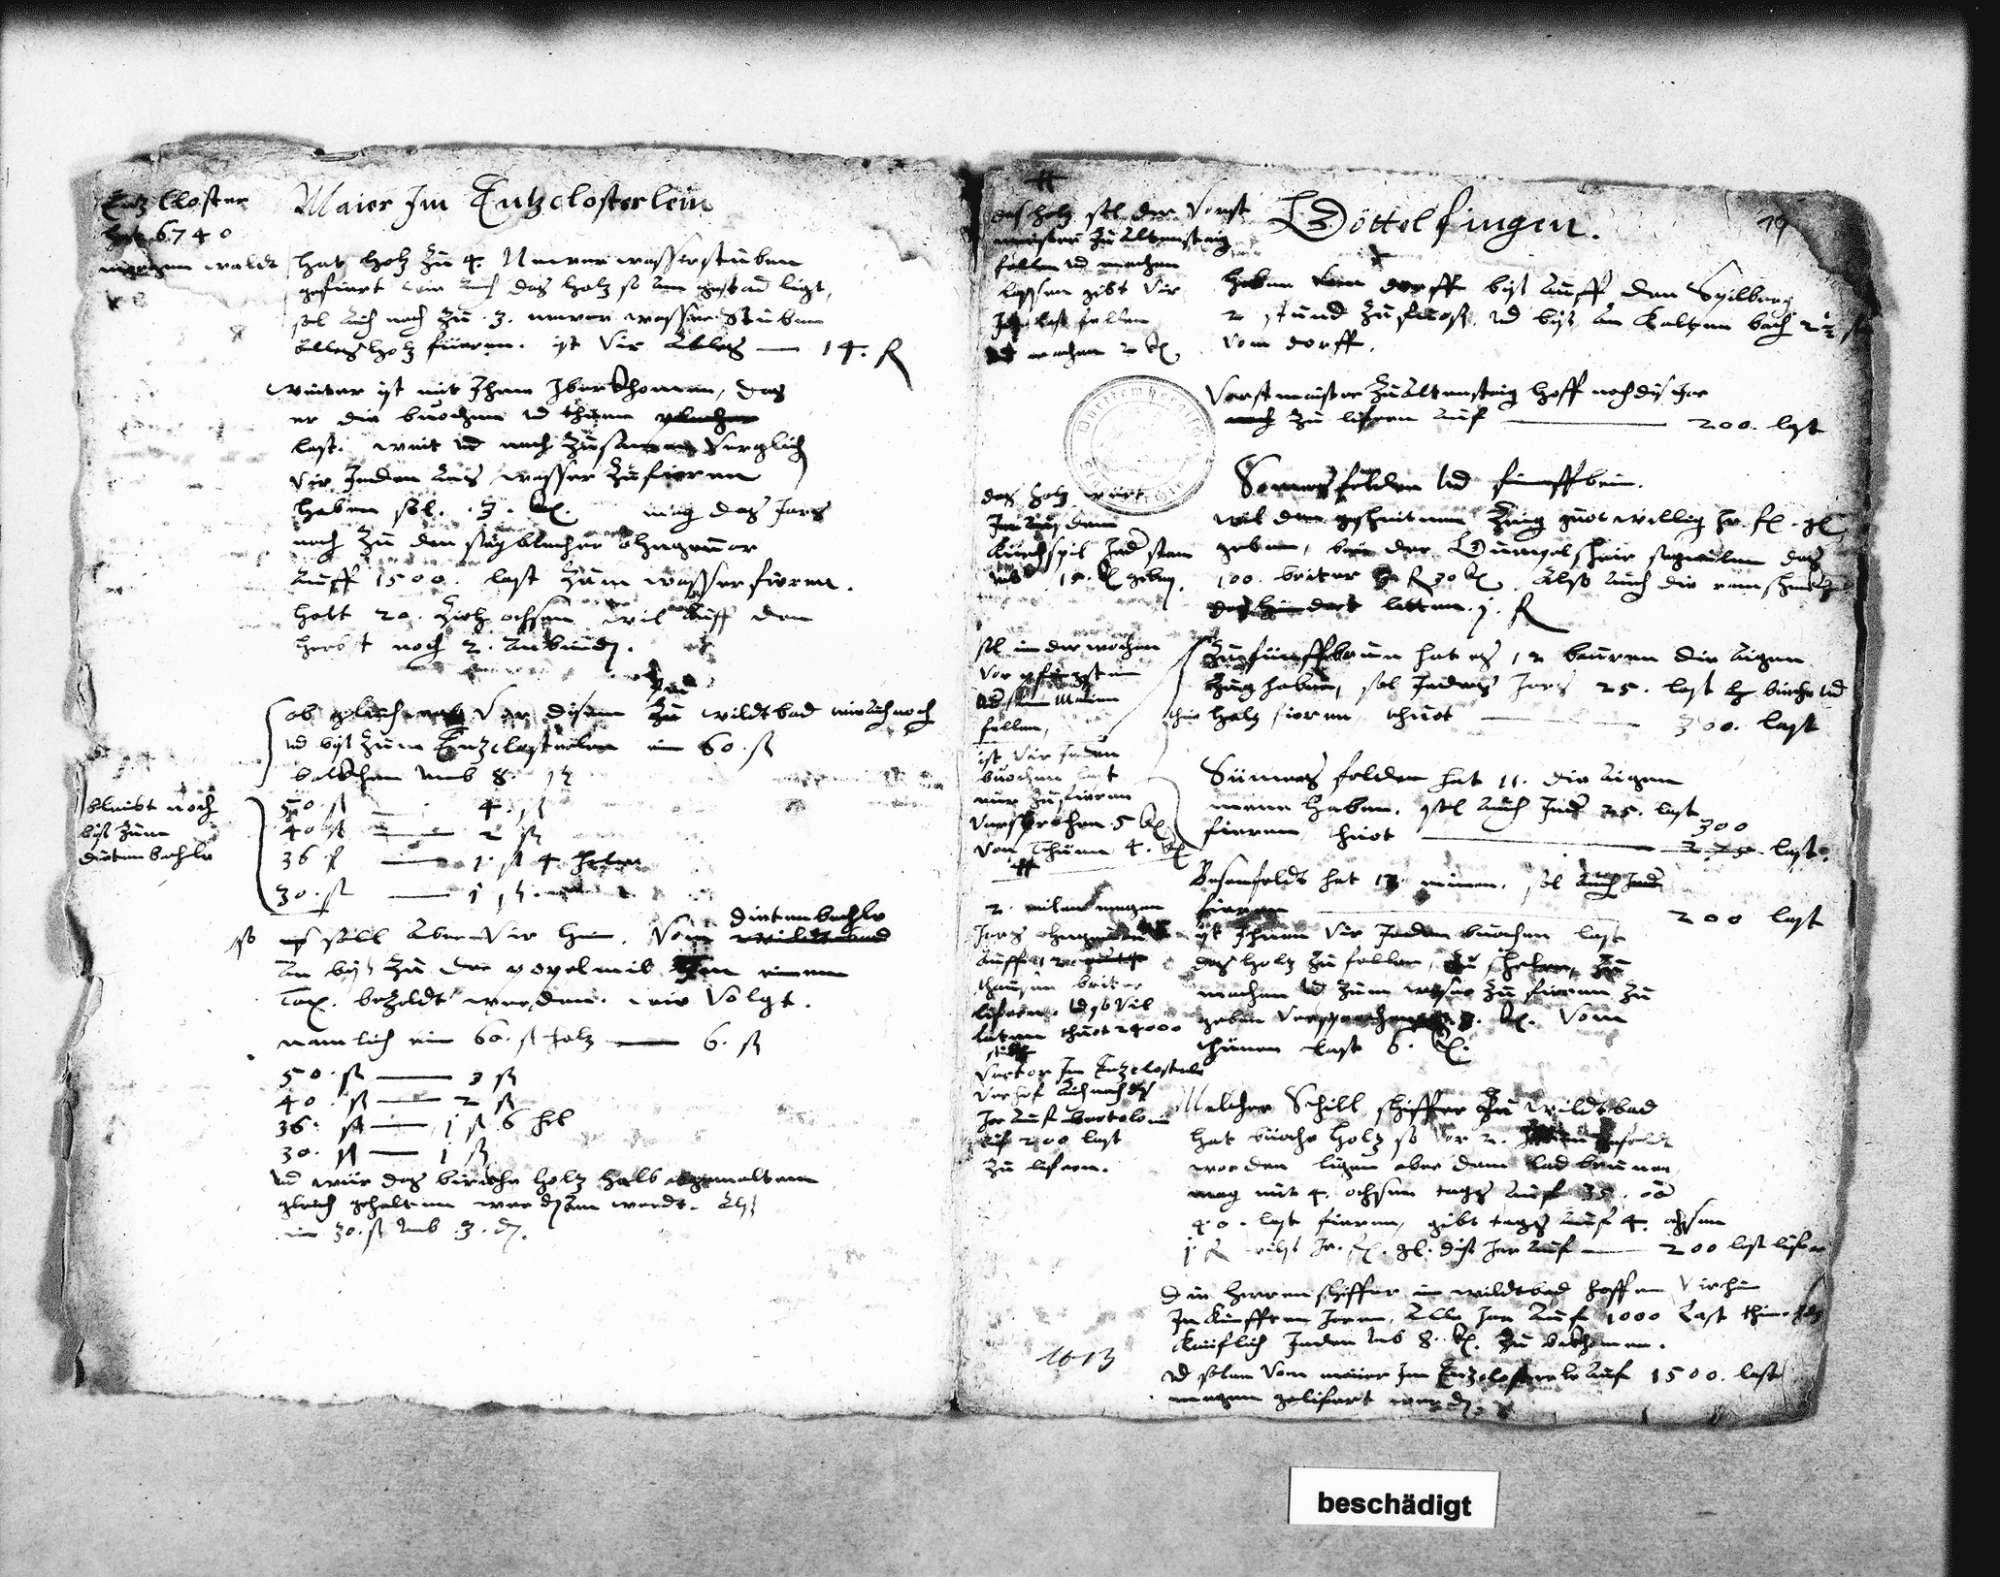 Flößen von Göttelfingen, Simmersfeld, Fünfbronn, Enzklösterle und Poppelmühel; Berechnungen über Floßlasten (2 Folio Doppelblatt), Bild 1